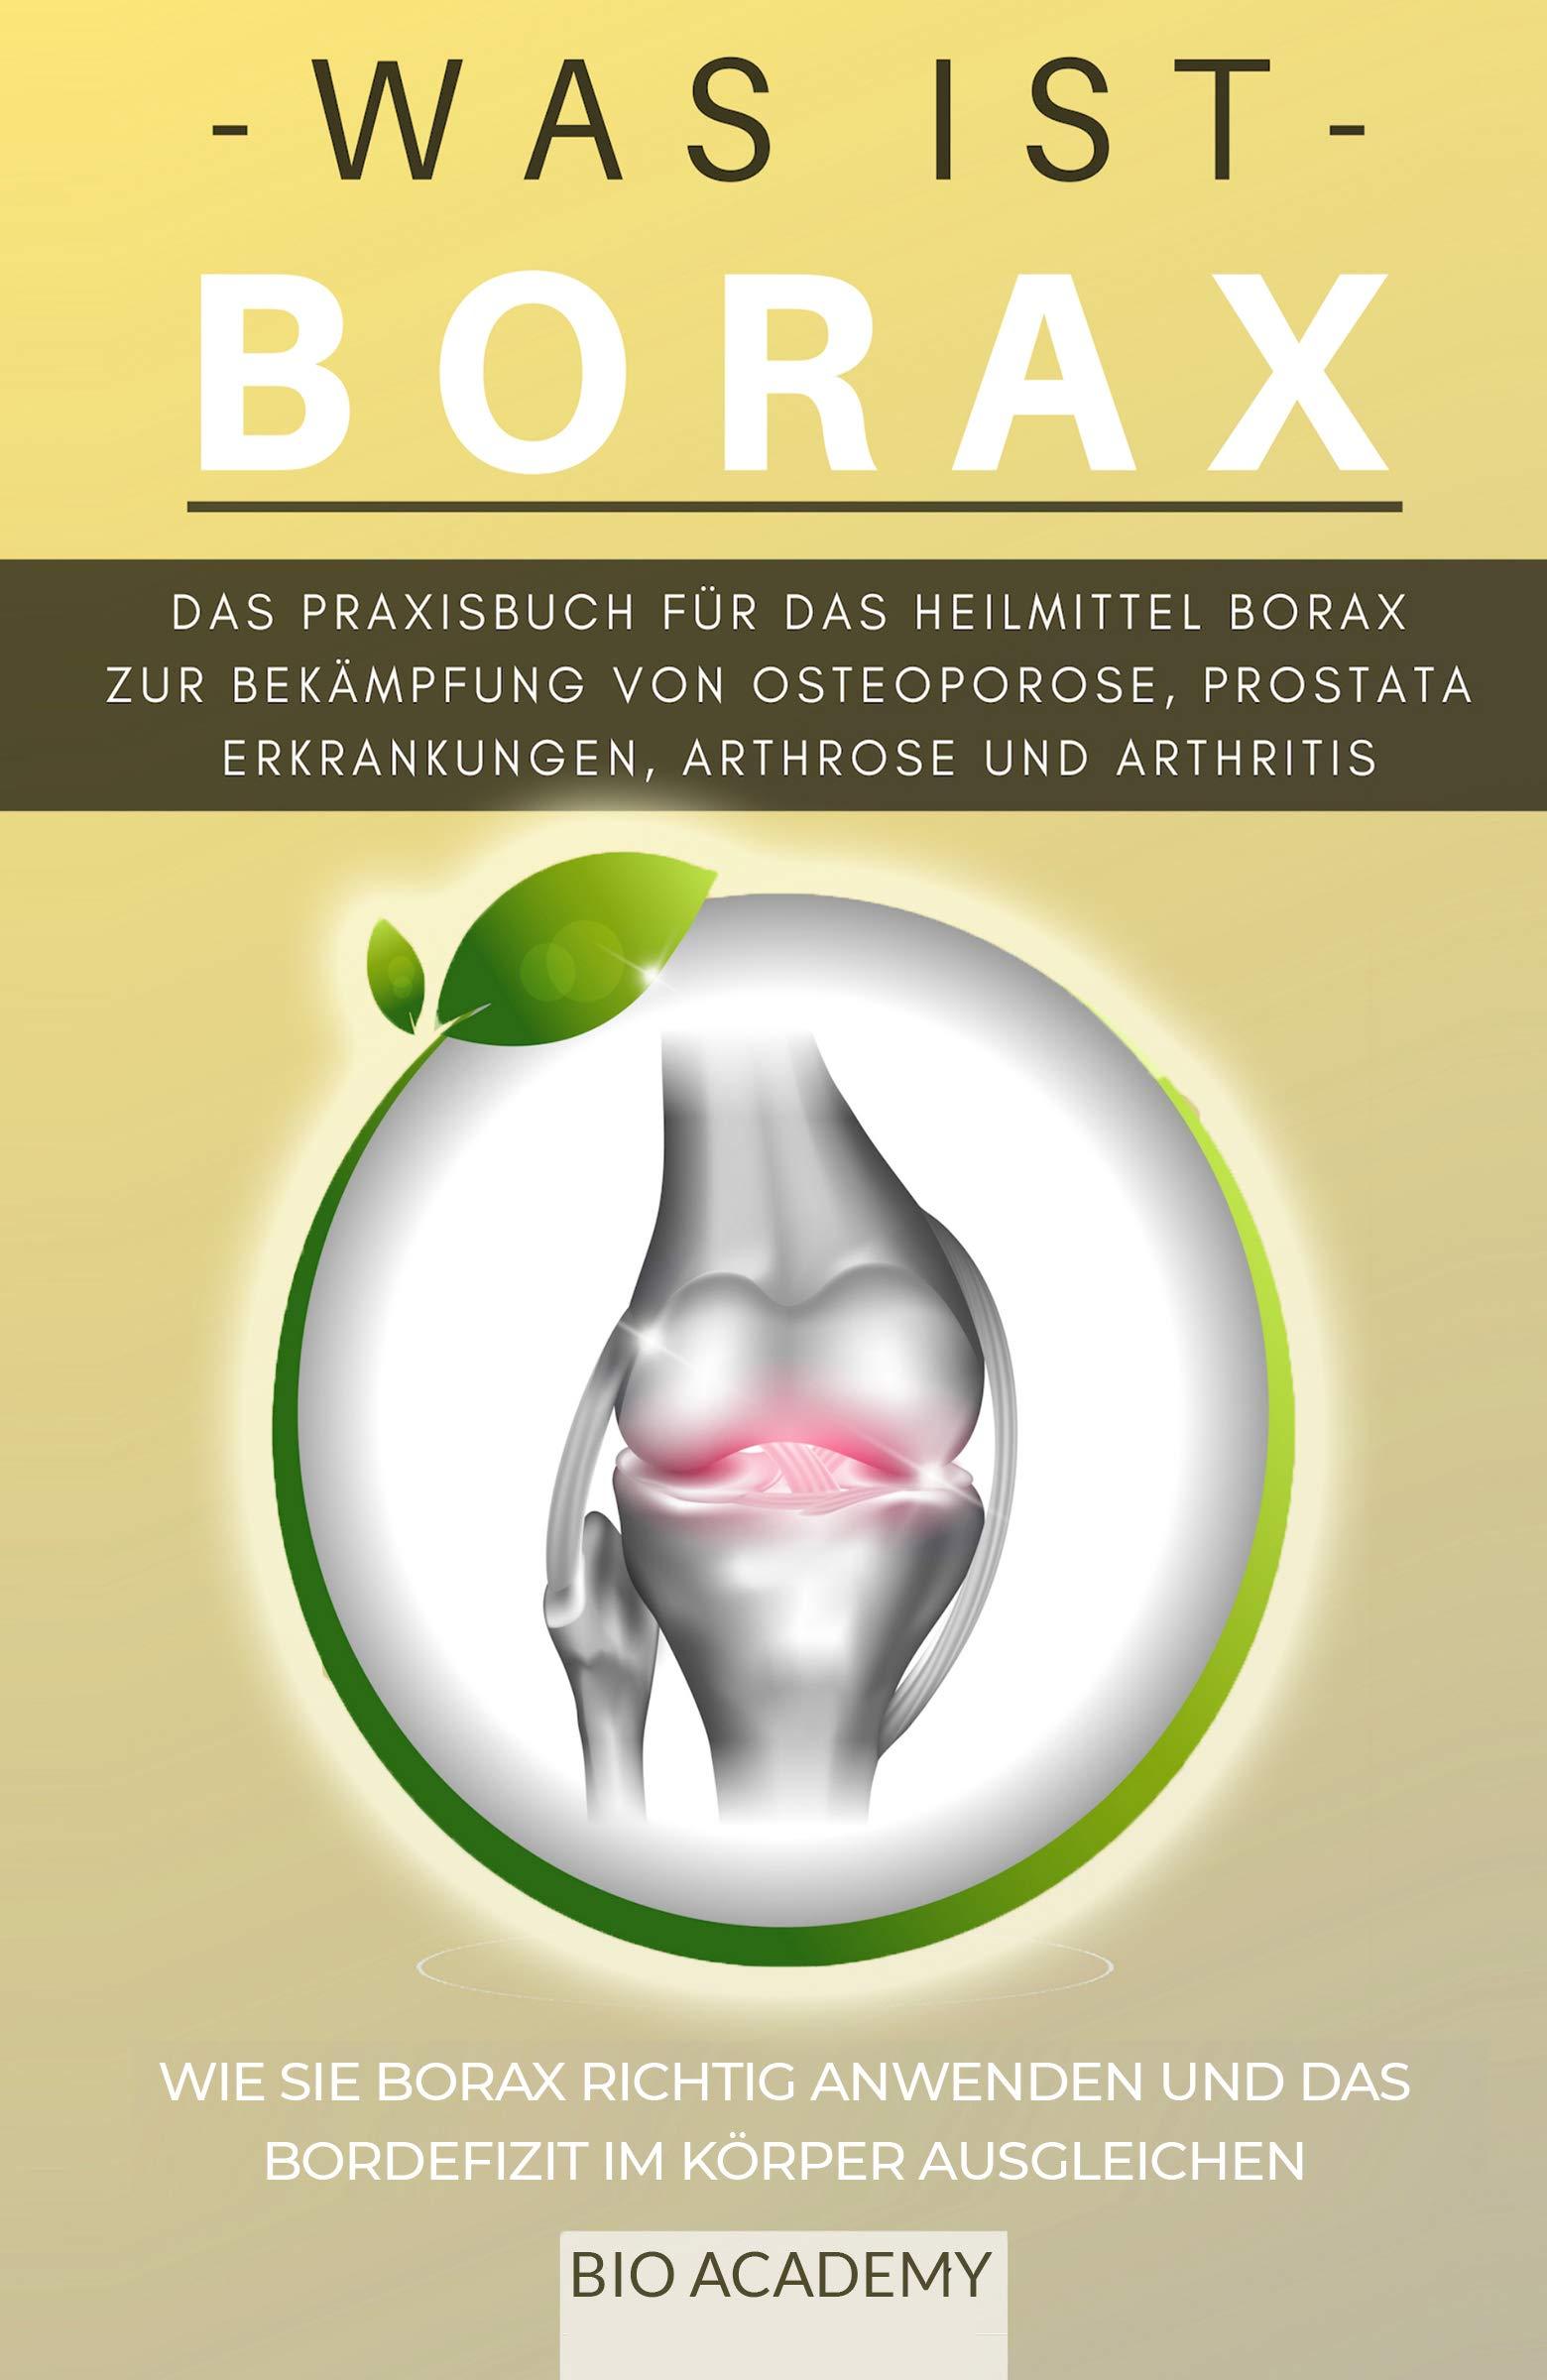 Was Ist Borax   Das Praxisbuch Für Das Heilmittel Borax Zur Bekämpfung Von Osteoporose Prostata Erkrankungen Arthrose Und Arthritis  Wie Sie Borax Richtig Anwenden Und Das Bordefizit Ausgleichen